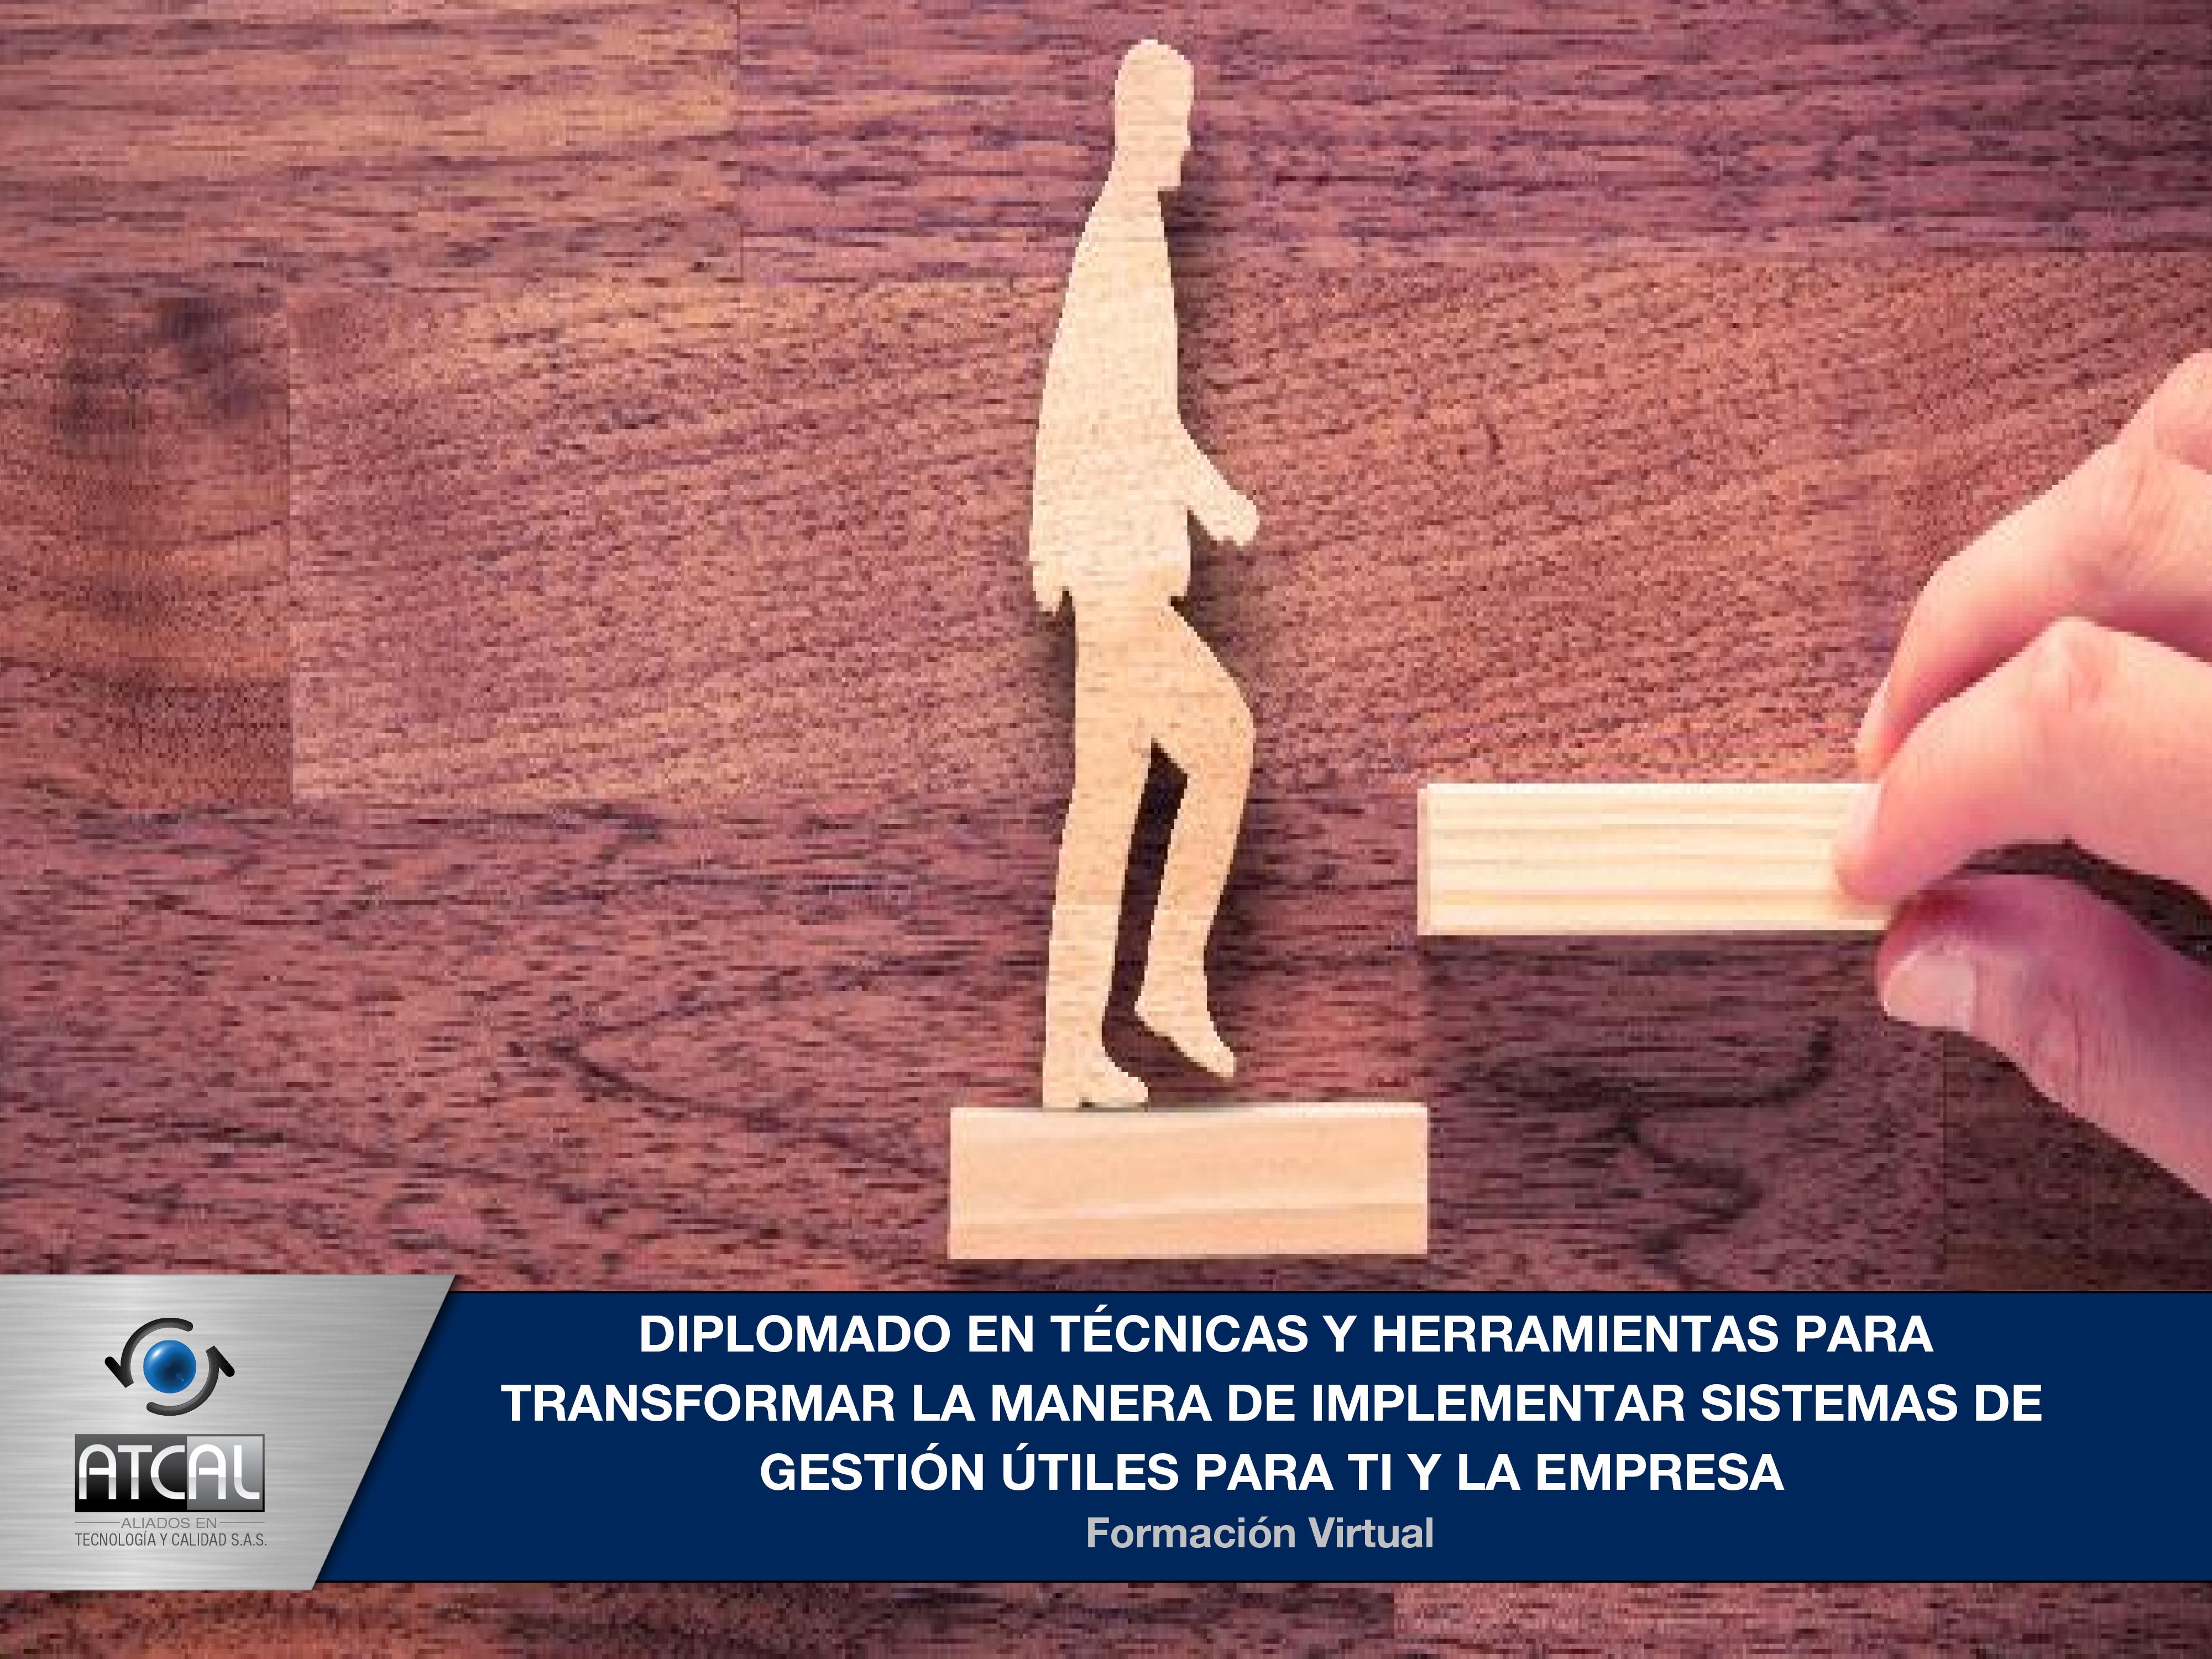 Diplomado en Técnicas y Herramientas para Transformar la Manera de Implementar Sistemas de Gestión Útiles para ti y para la Empresa Parte 2